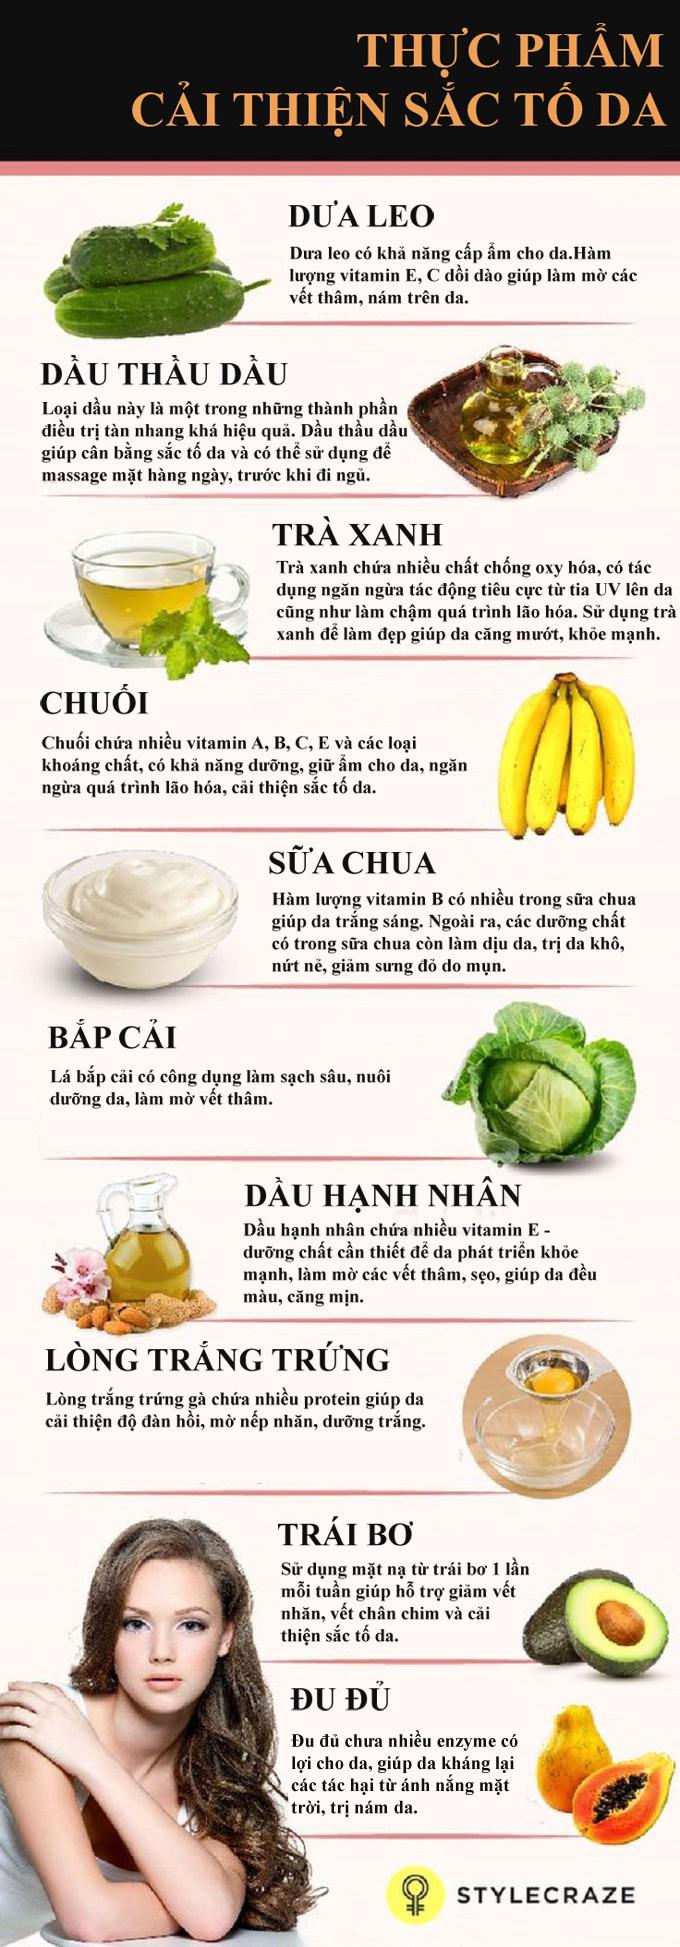 10 thực phẩm giúp làn da sáng mịn lên trông thấy - ảnh 1